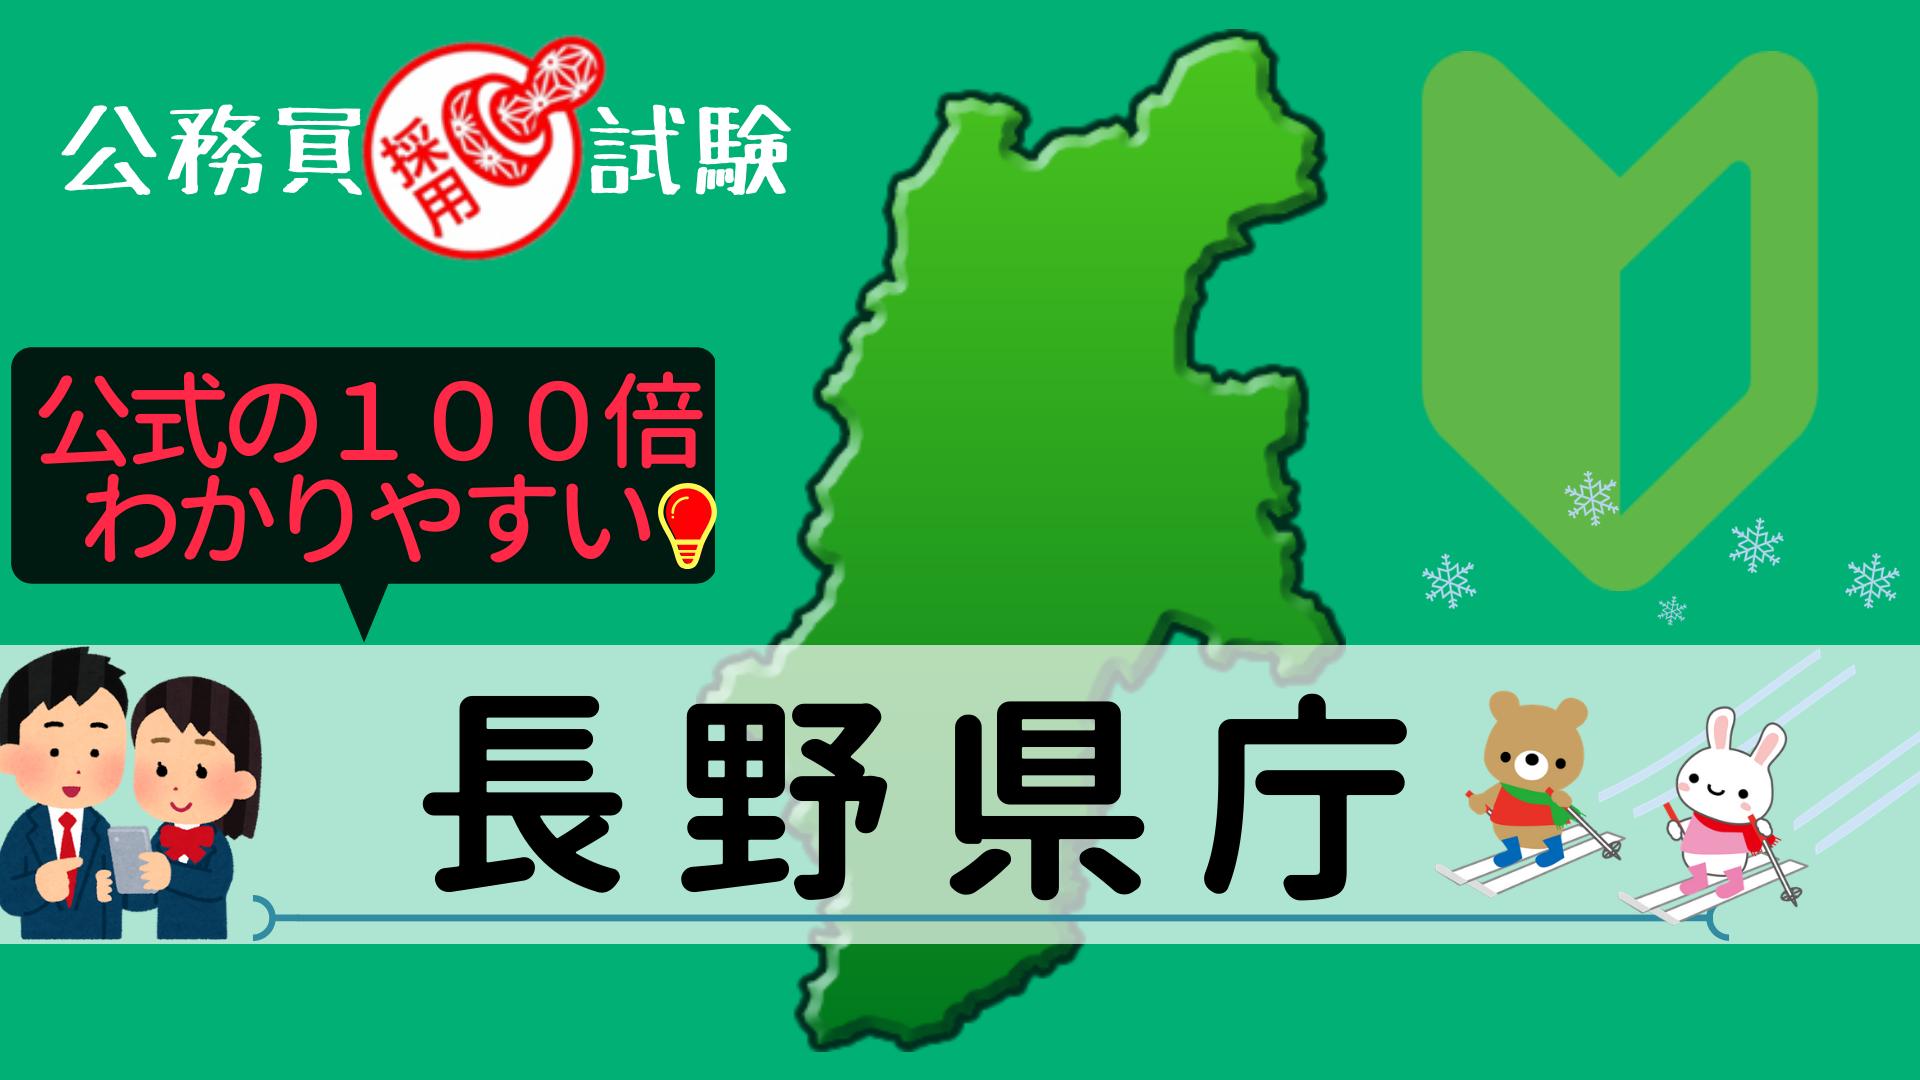 長野県庁の公務員採用試験について